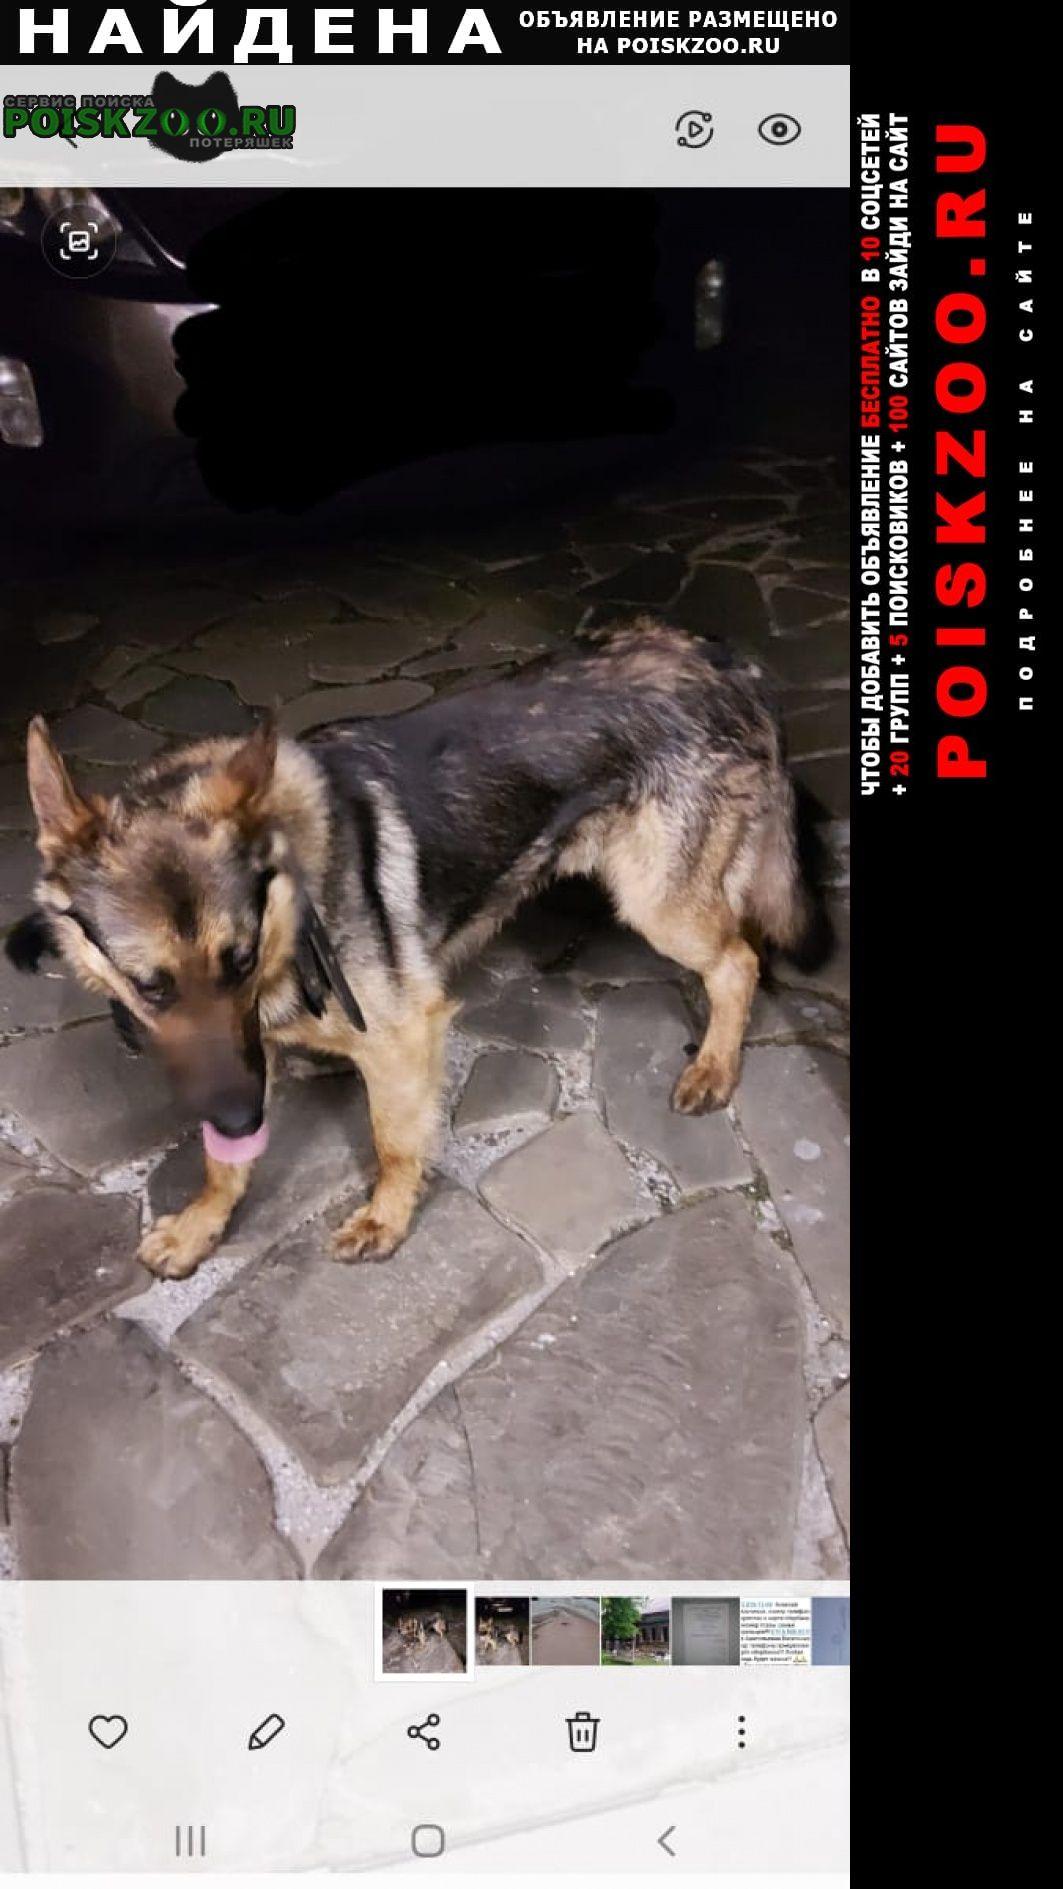 Найдена собака кобель Зарайск